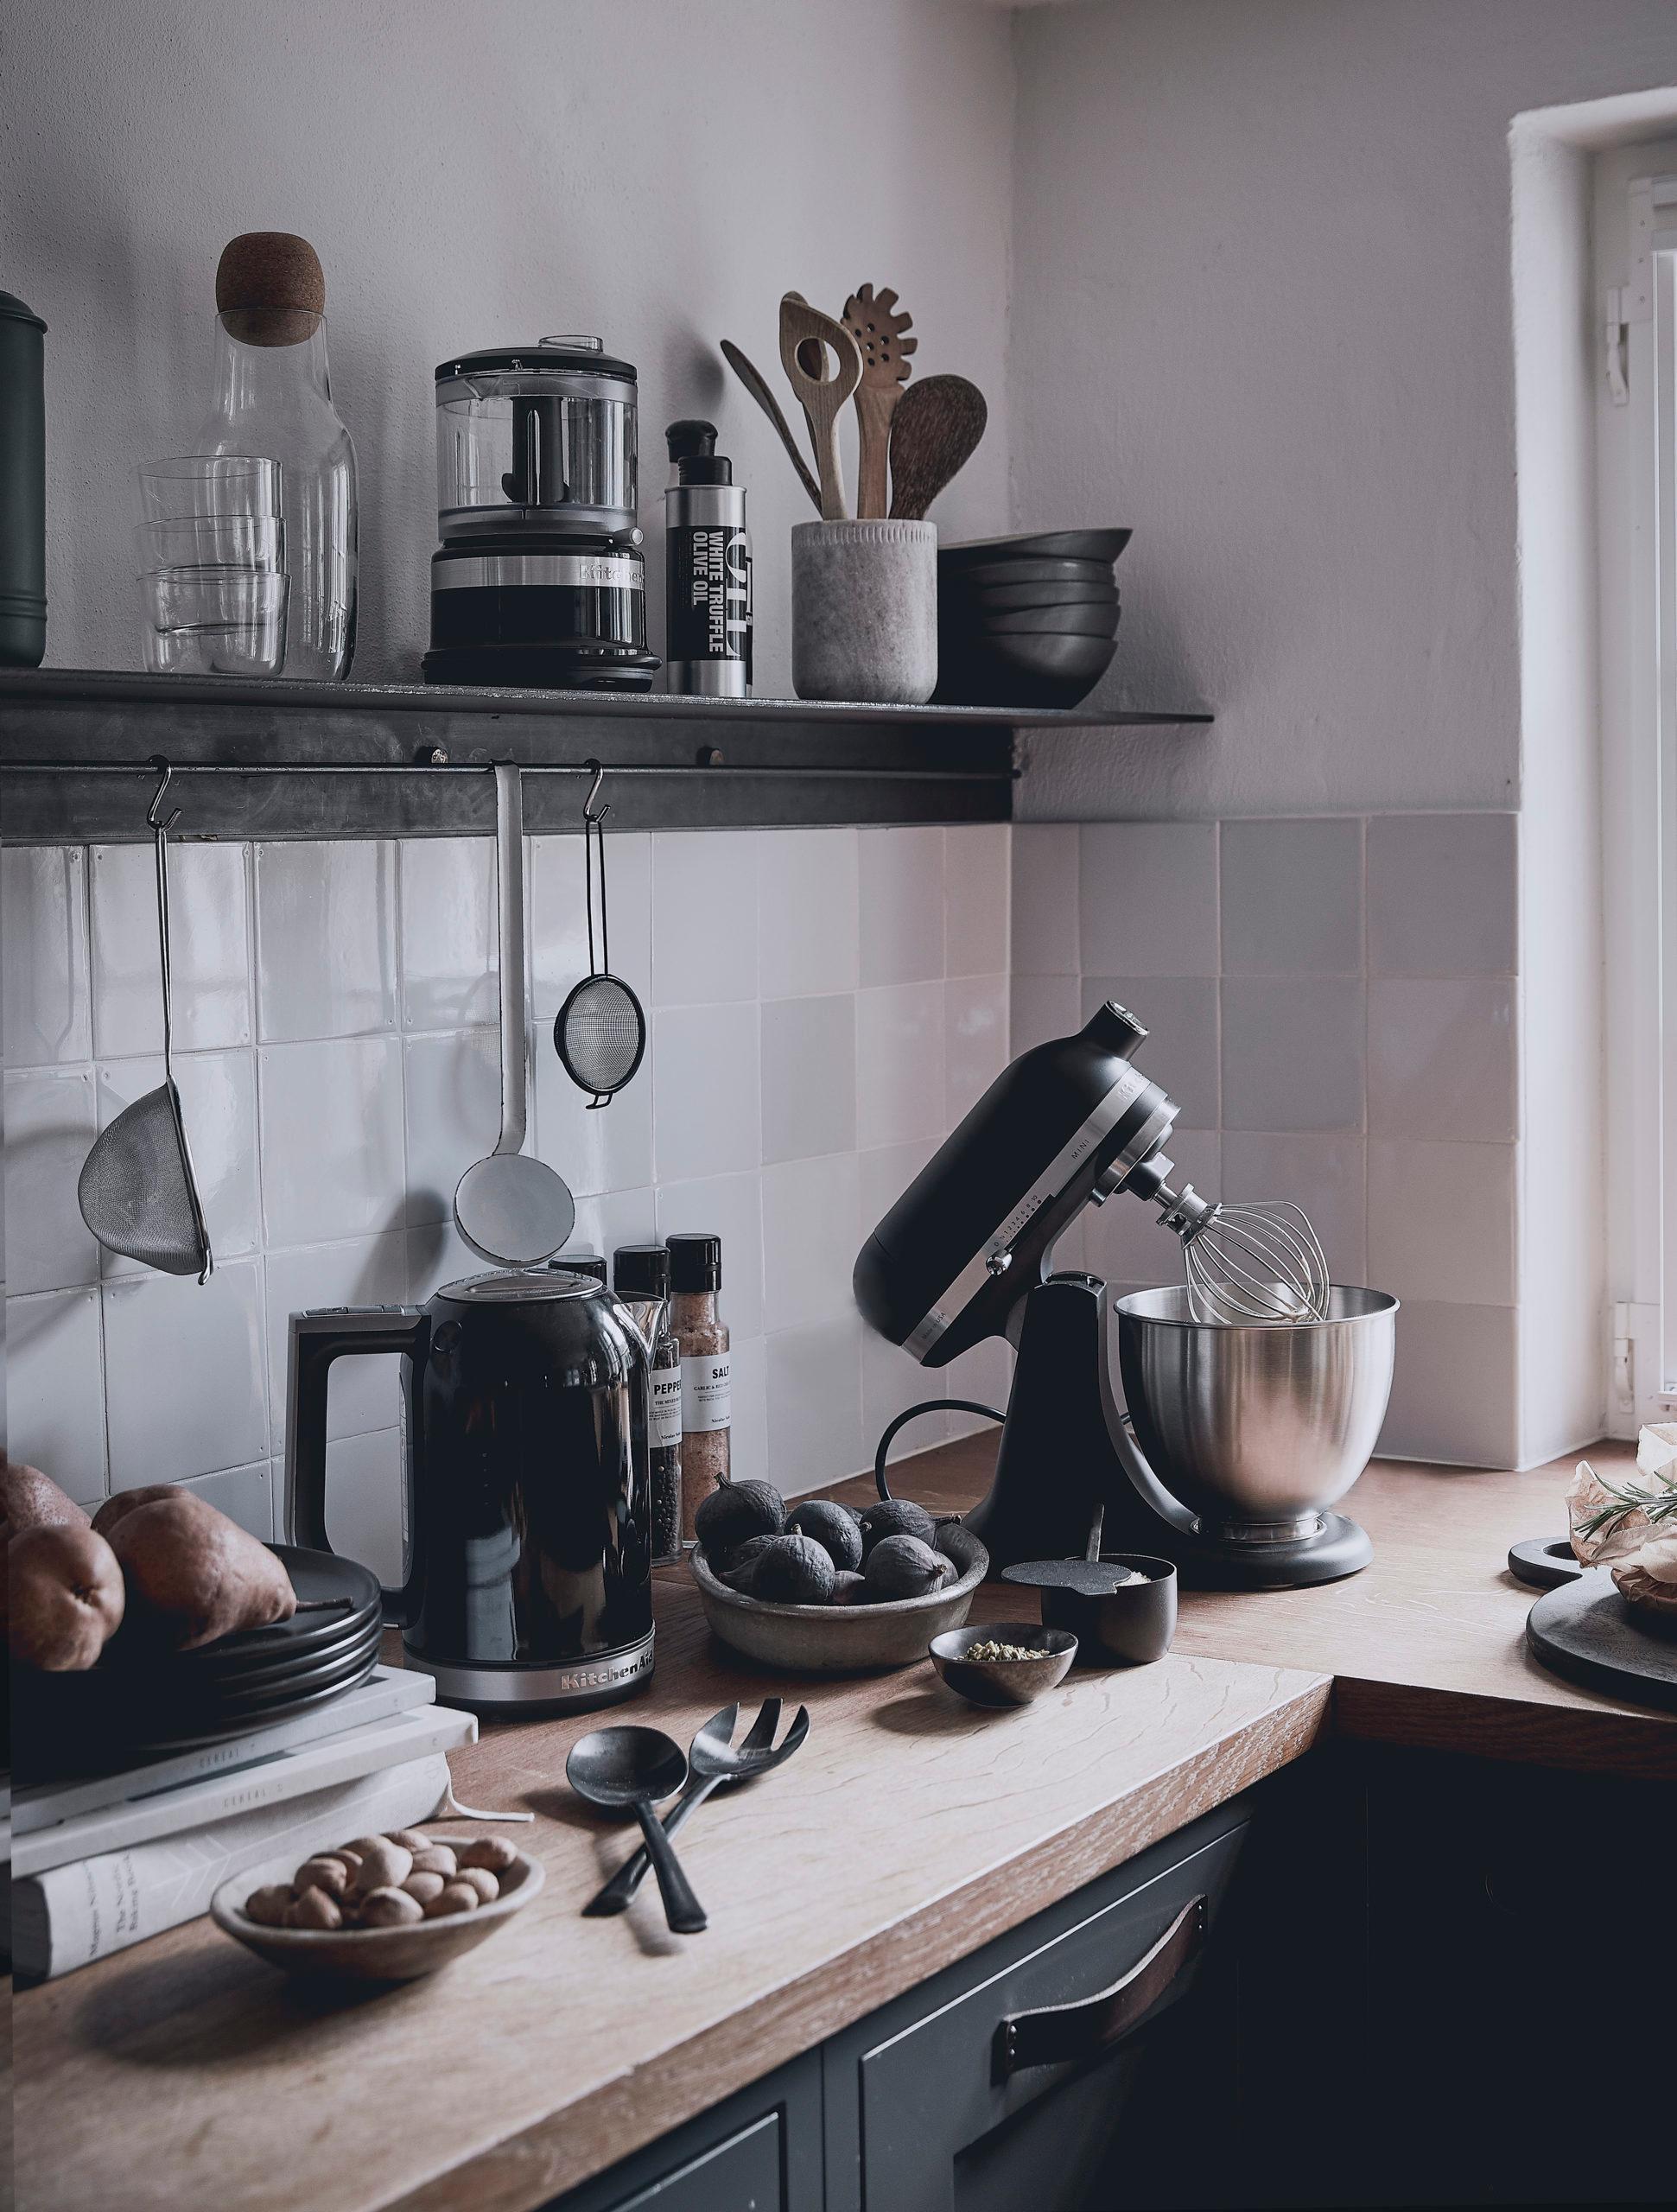 Keuken kopen tips: Nieuwe meubels in de keuken met moderne accessoires